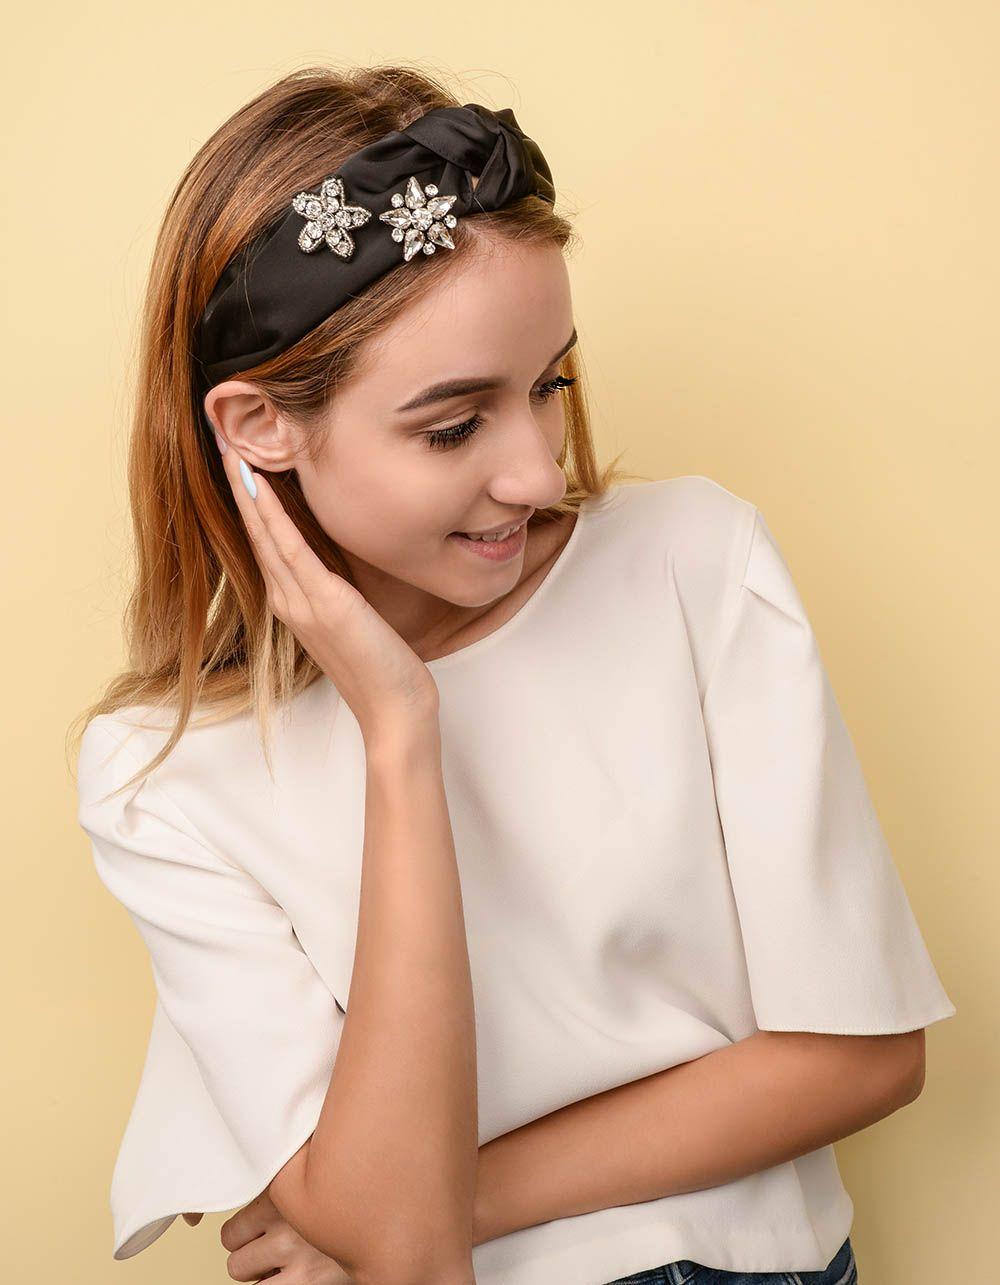 Обідок для волосся з квітками із стразів | 238374-02-XX